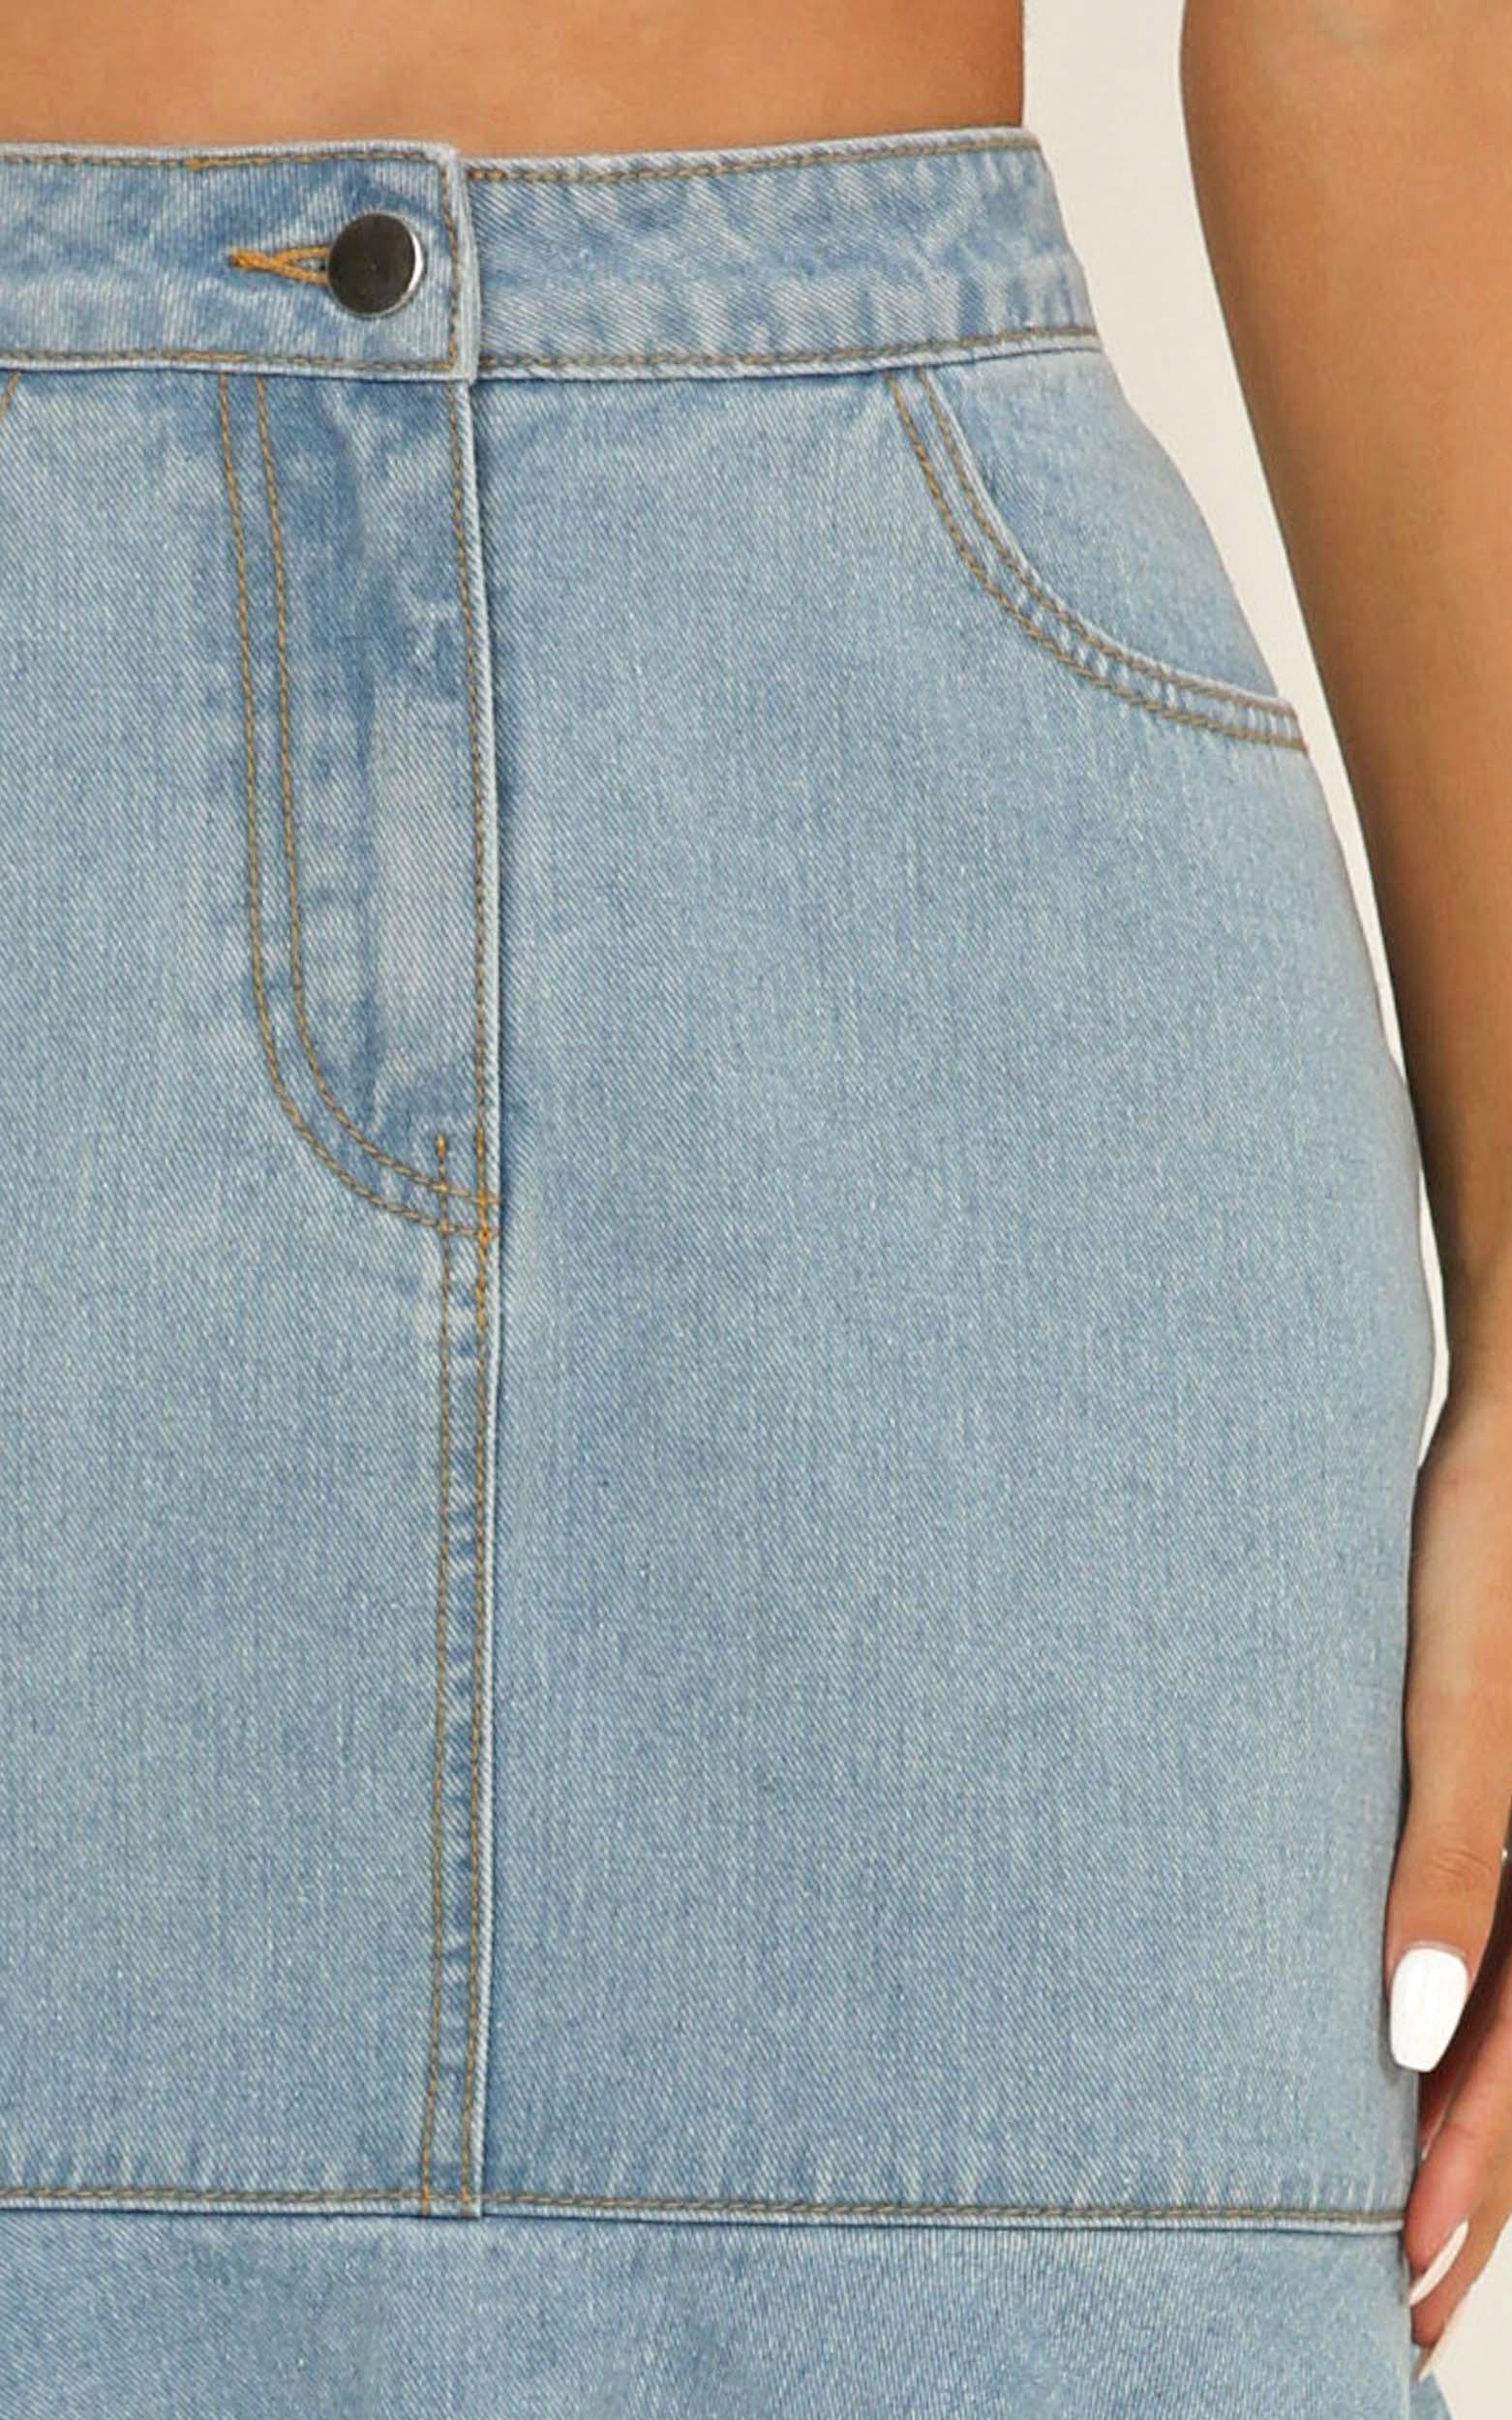 I Adore You Denim Skirt In light blue wash - 12 (L), Blue, hi-res image number null